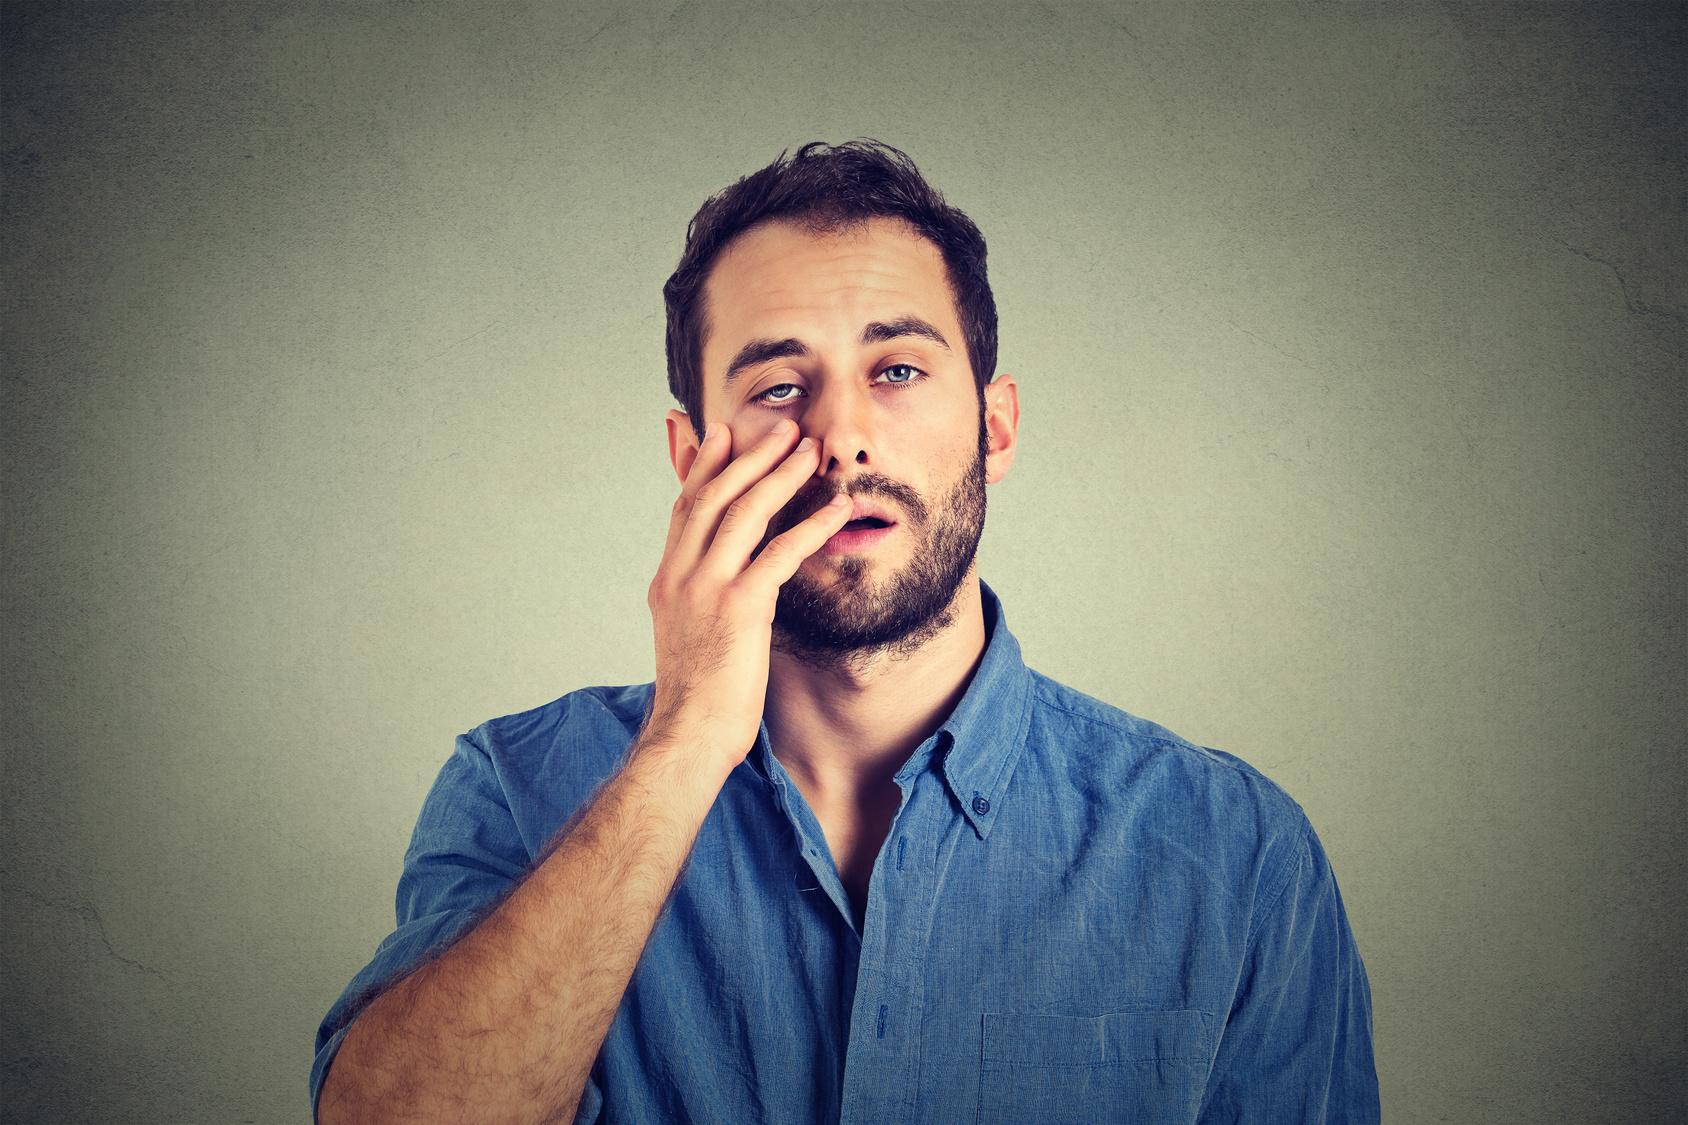 Zdążyć przed wypaleniem - jak dbać o swoje nastawienie i myśleć o pracy by czerpać z niej energię.